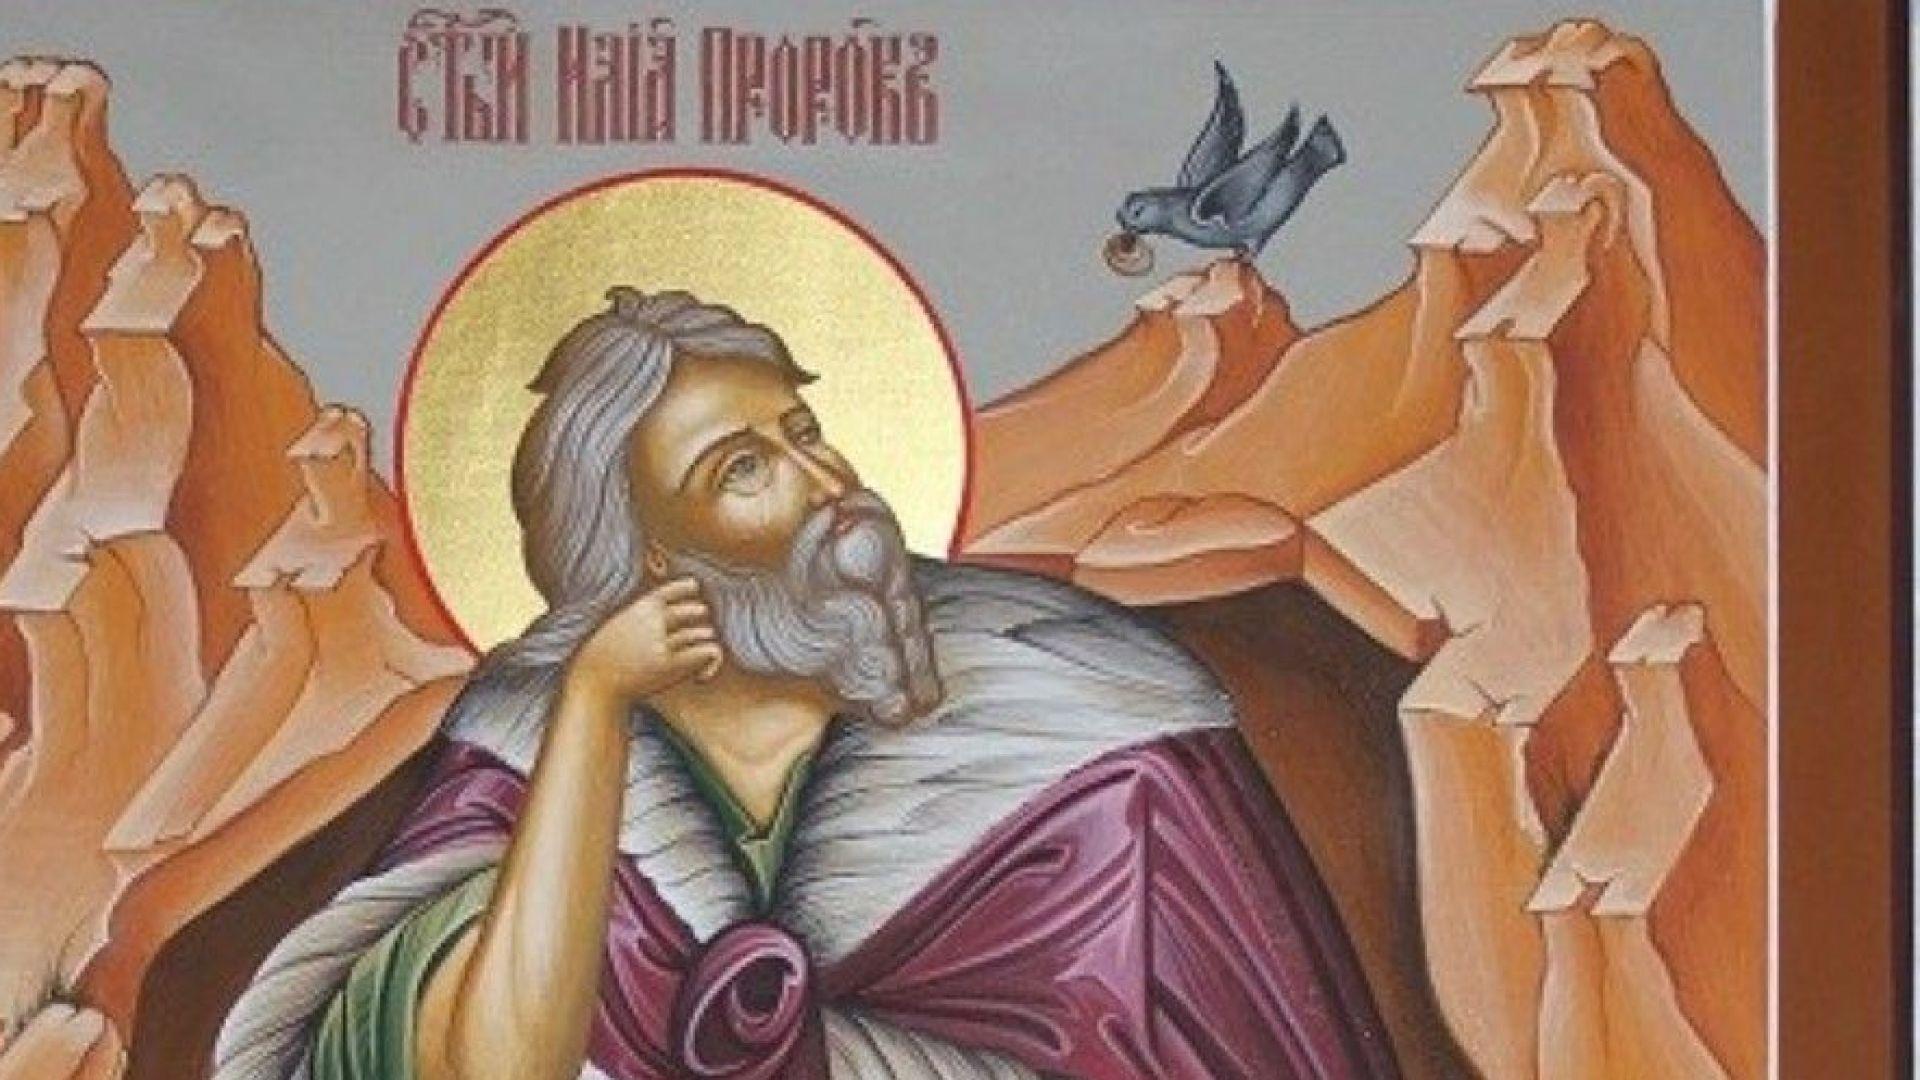 Почитаме пророк Свети Илия, според поверието днес не се работи